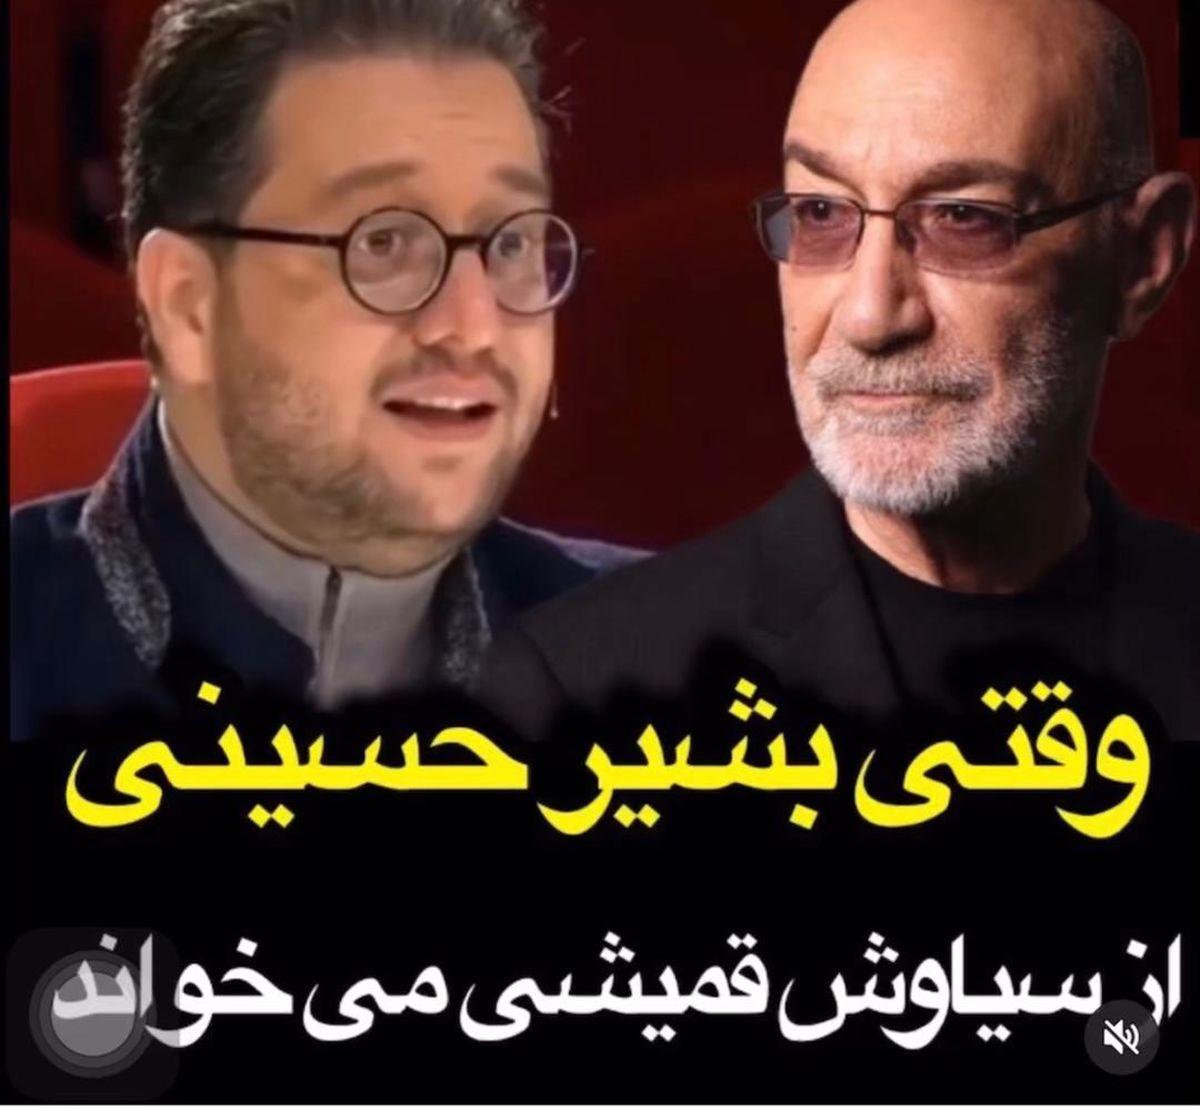 خوانندگی سید بشیر حسینی در پخش زنده عصرجدید + فیلم